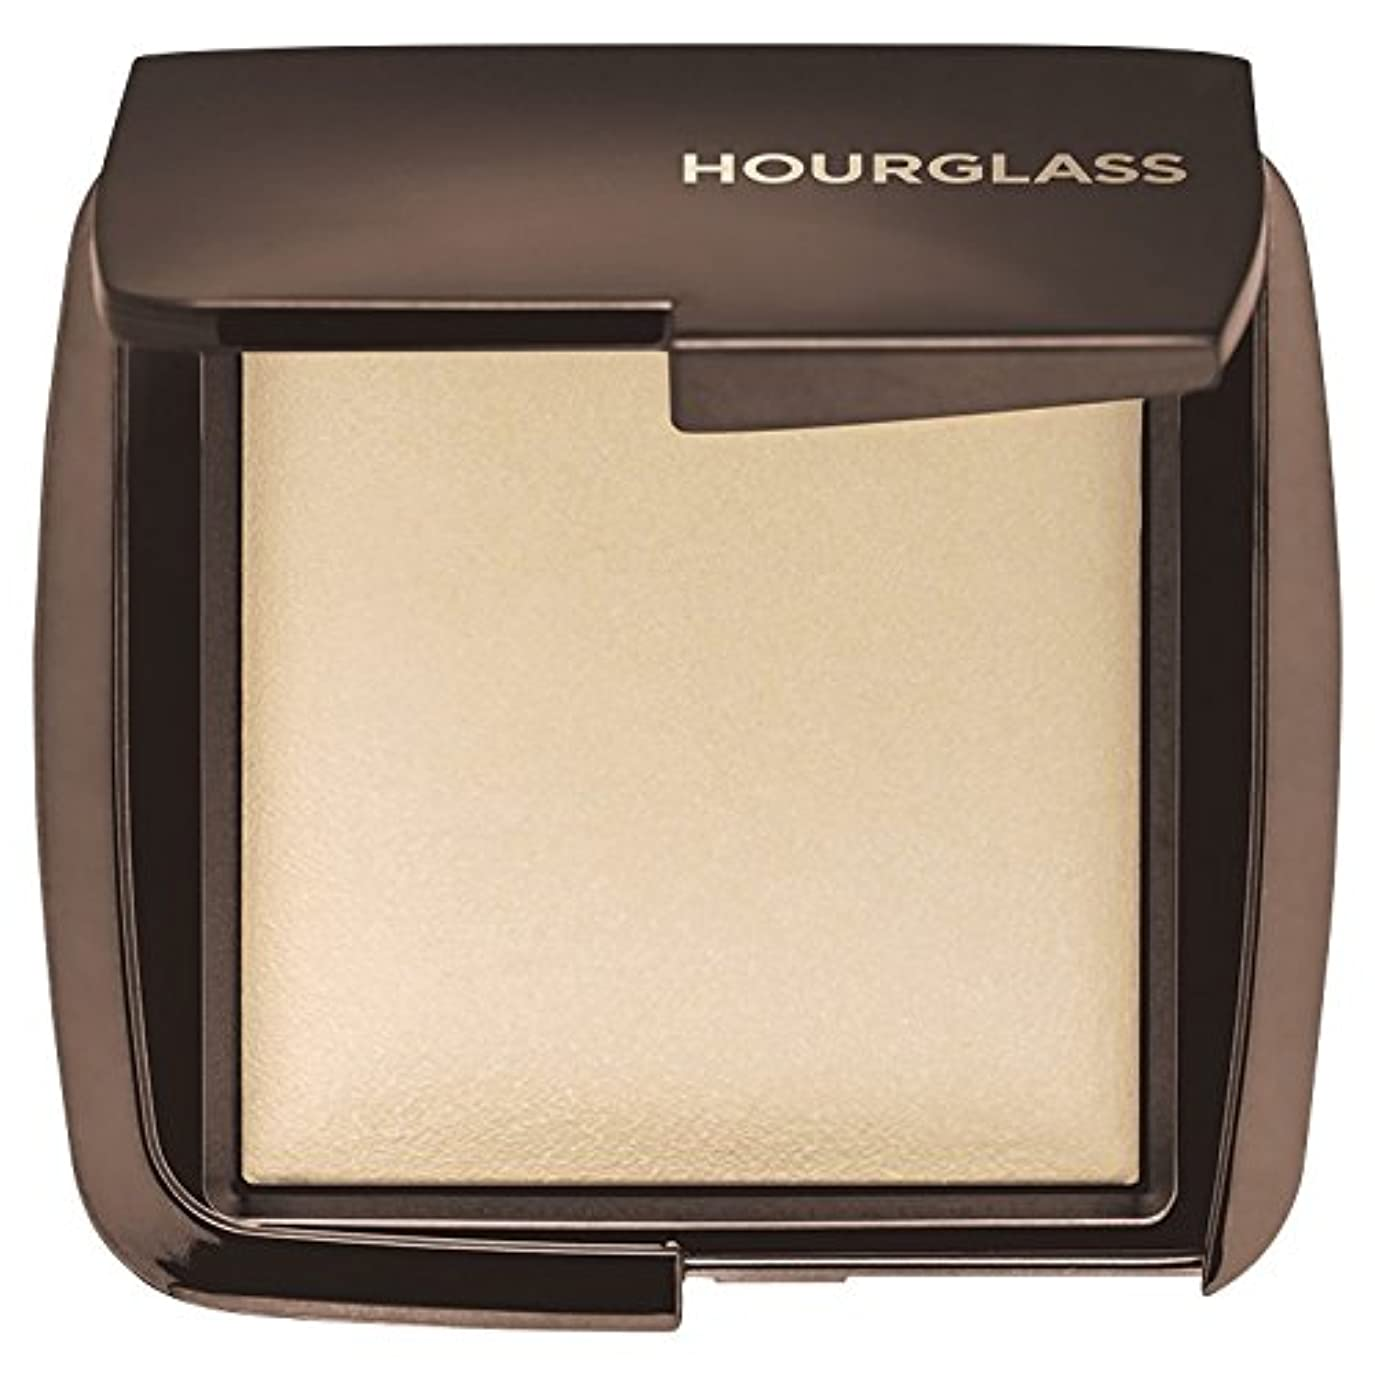 咳救い競合他社選手砂時計周囲光粉末が拡散し、淡黄色暖かいです (Hourglass) (x6) - Hourglass Ambient Light Powder Diffused Warm Pale Yellow (Pack of 6) [並行輸入品]